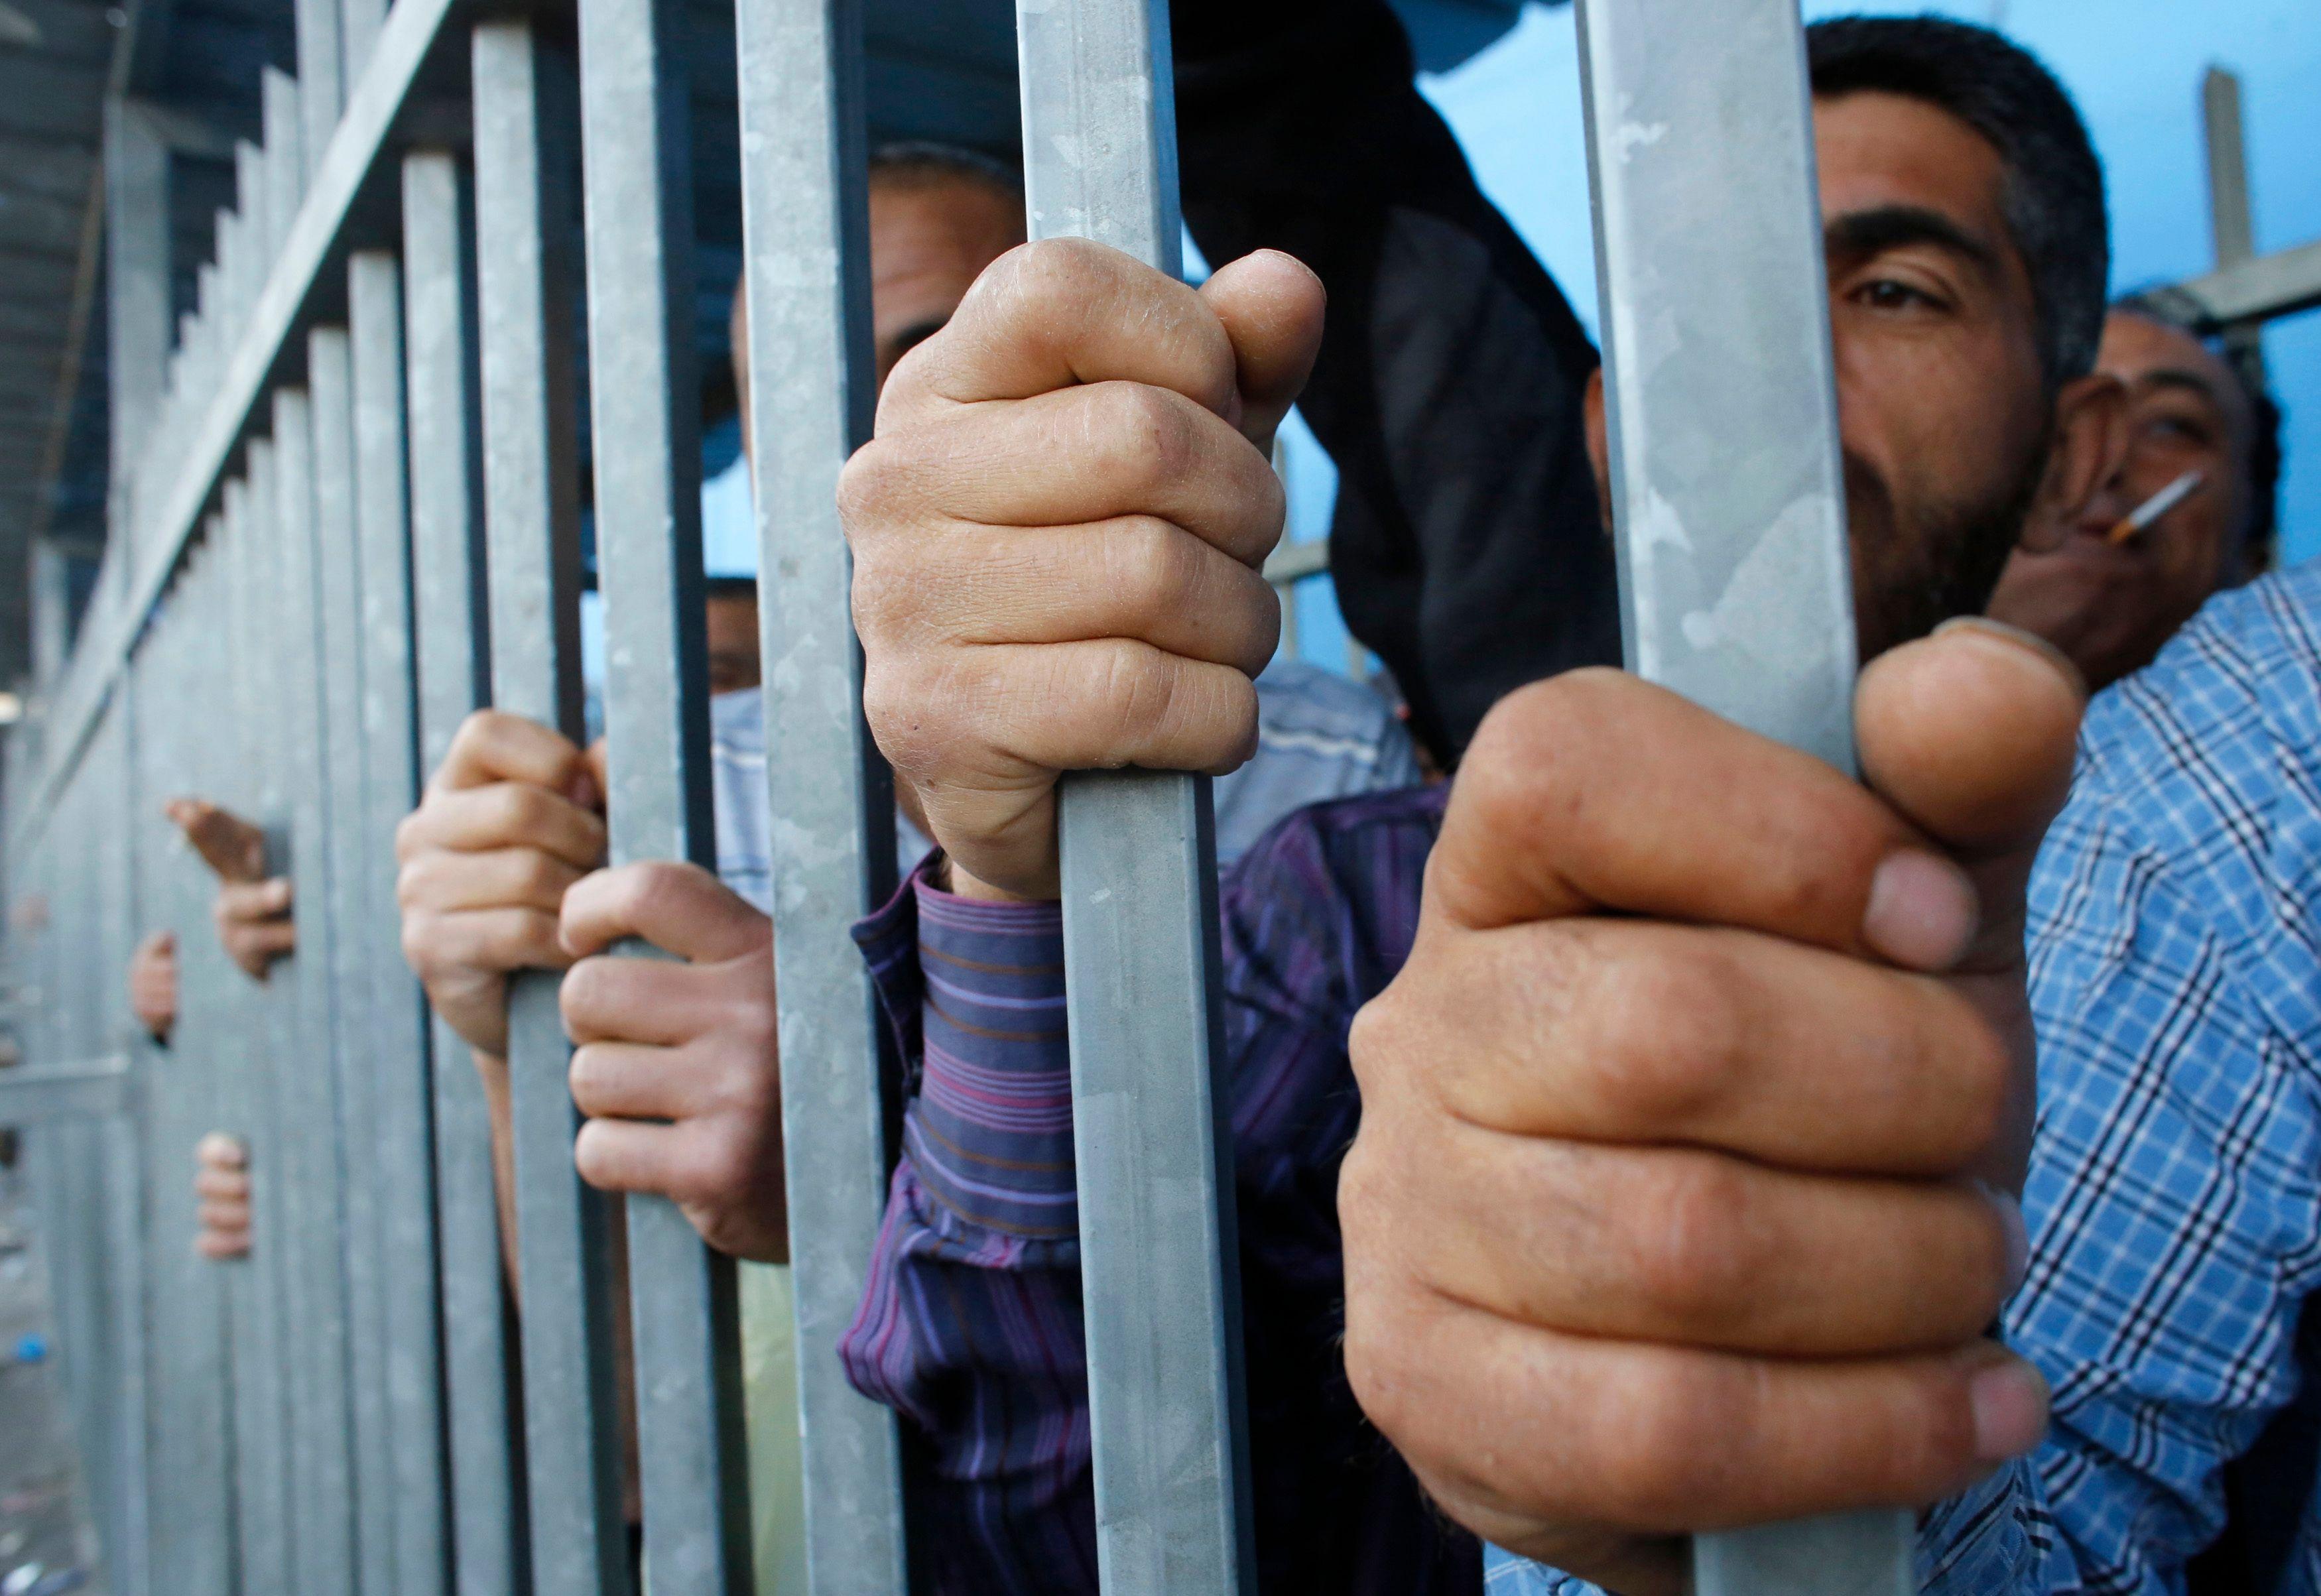 Les prisons modernes isolent trop les détenus.